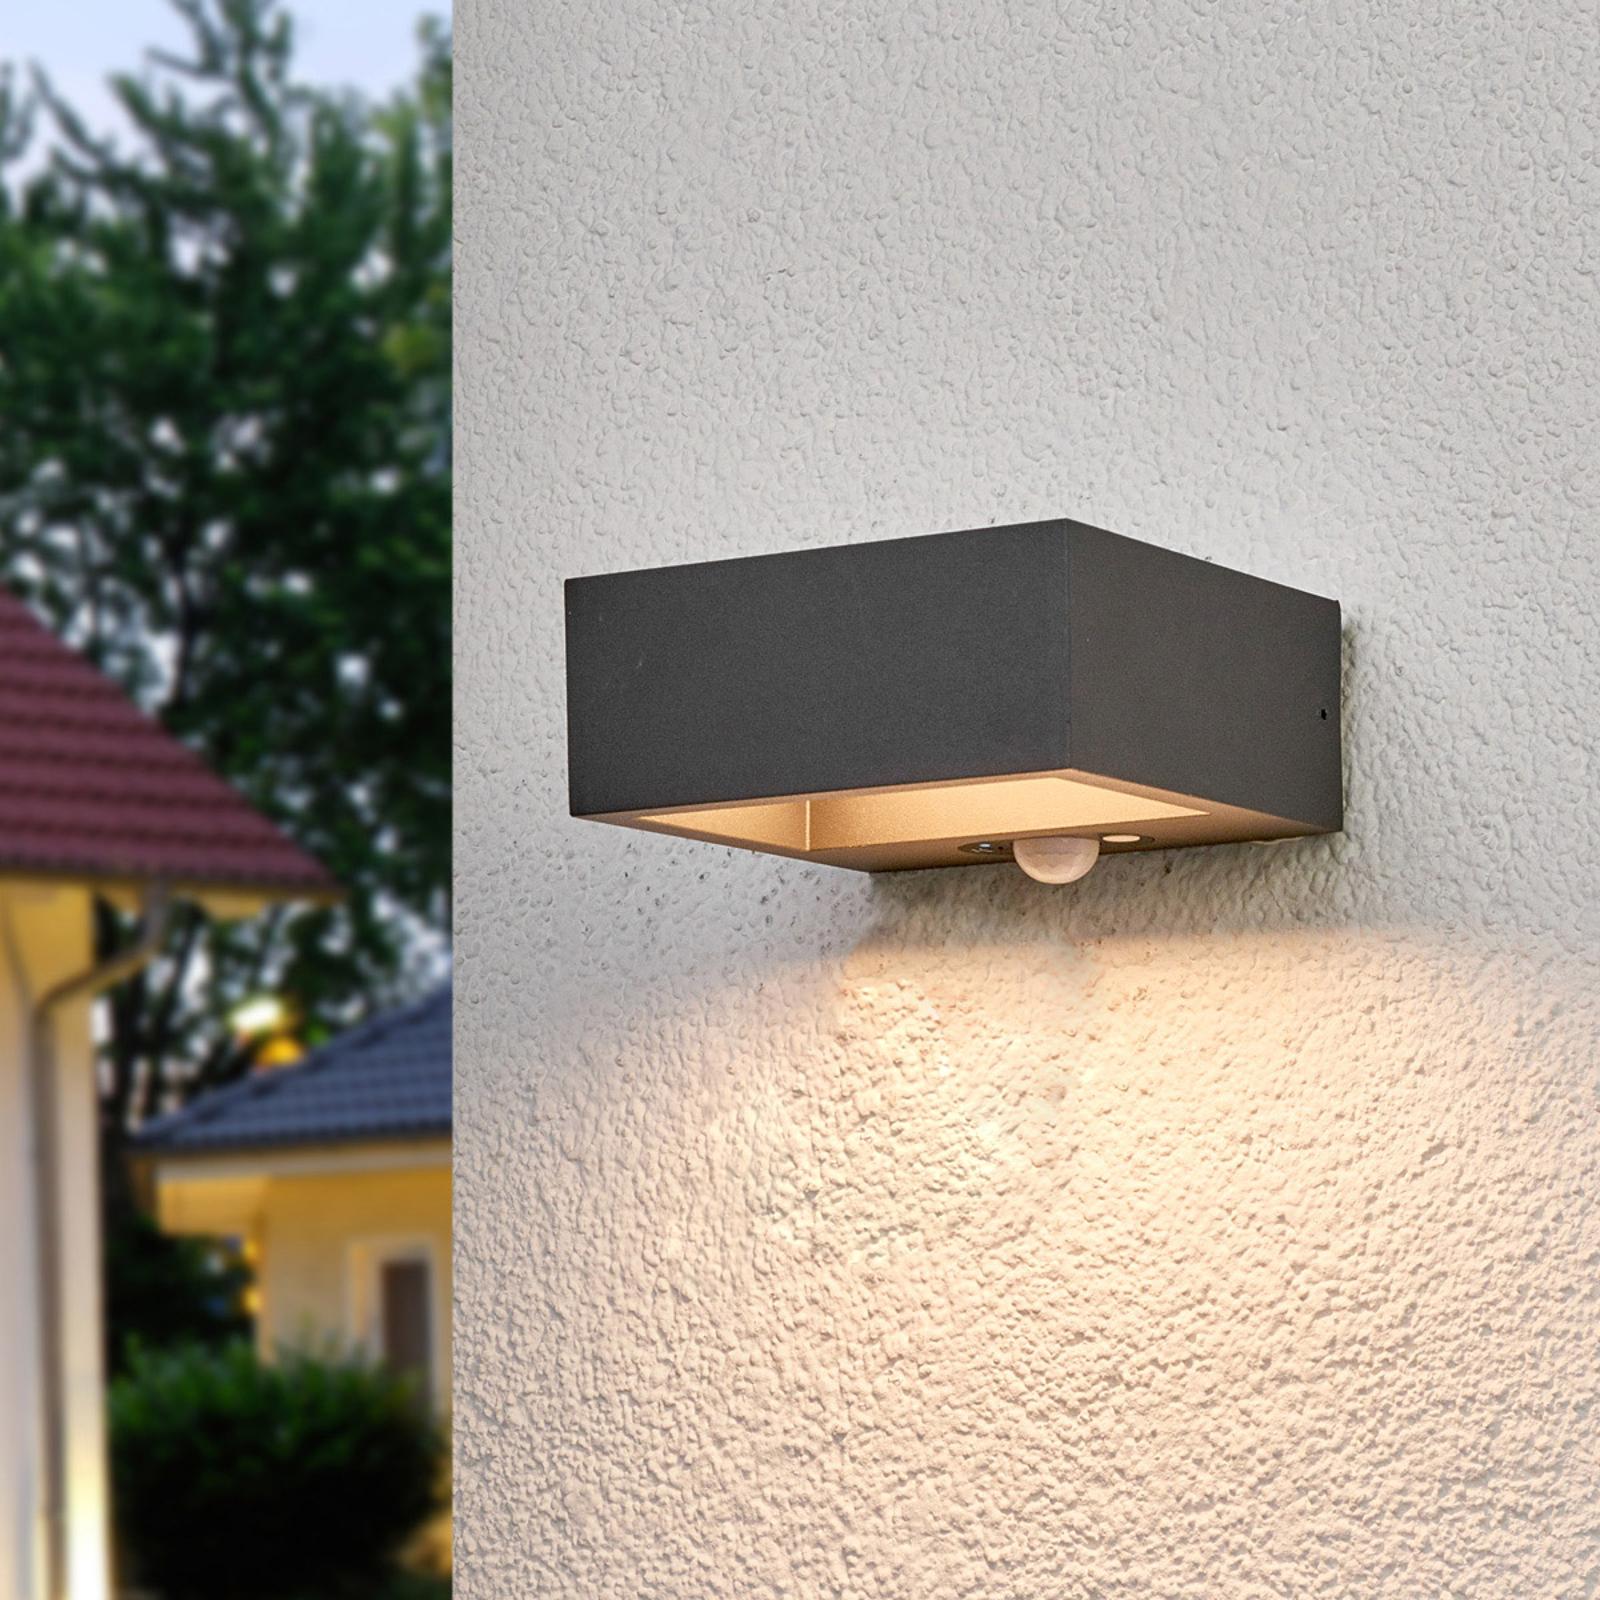 Sensor-LED-utomhusvägglampa Mahra, solardriven